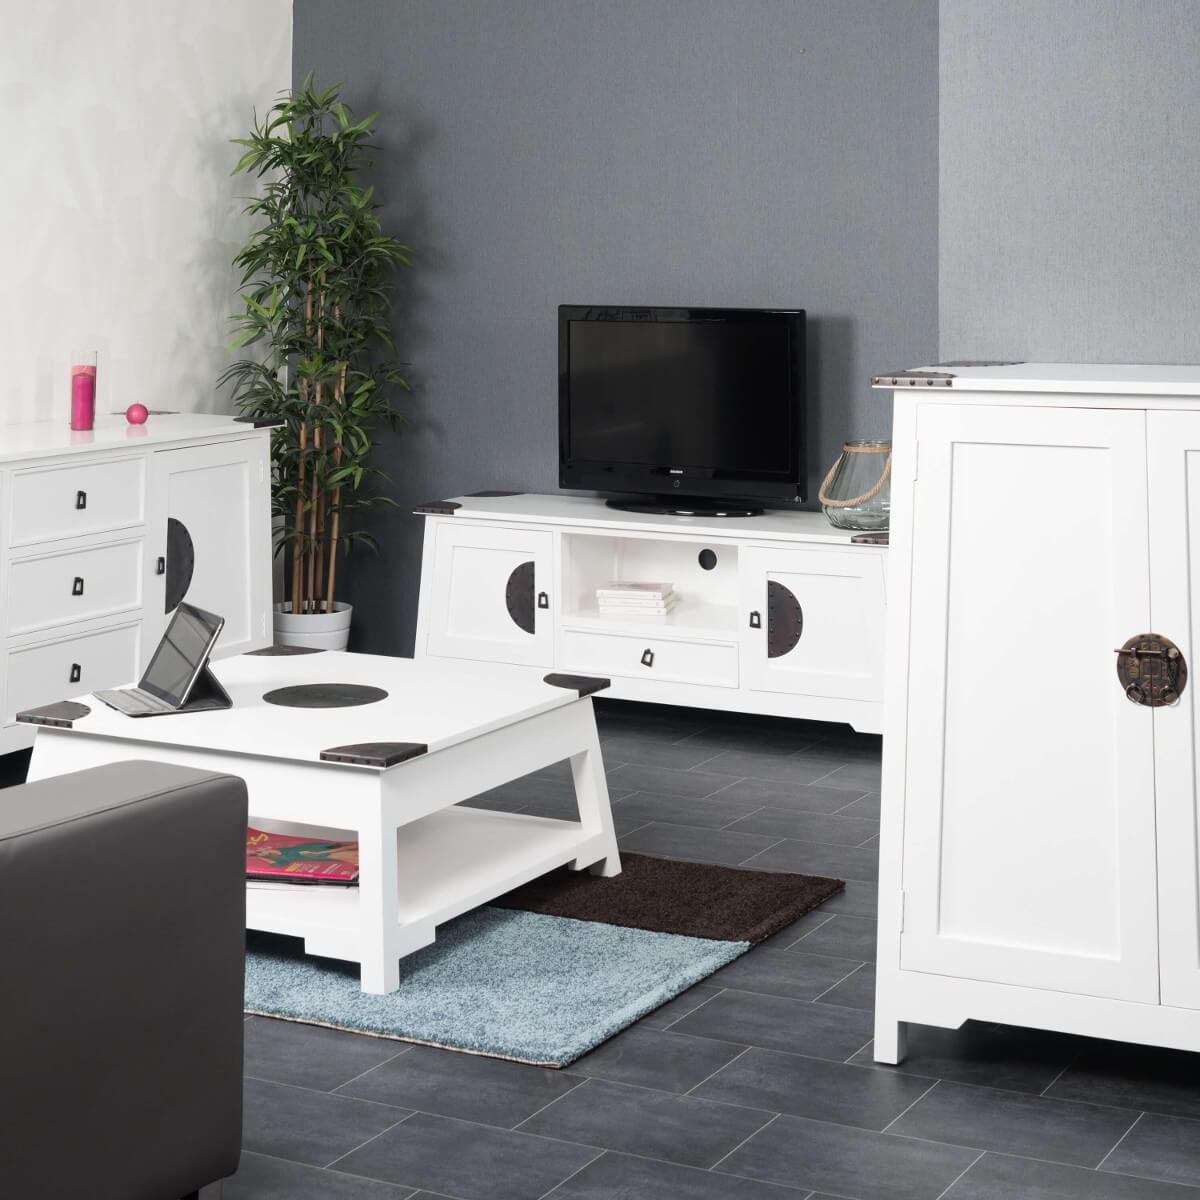 bahut de salon en bois d 39 acajou massif thao rectangle blanc l 90 cm. Black Bedroom Furniture Sets. Home Design Ideas